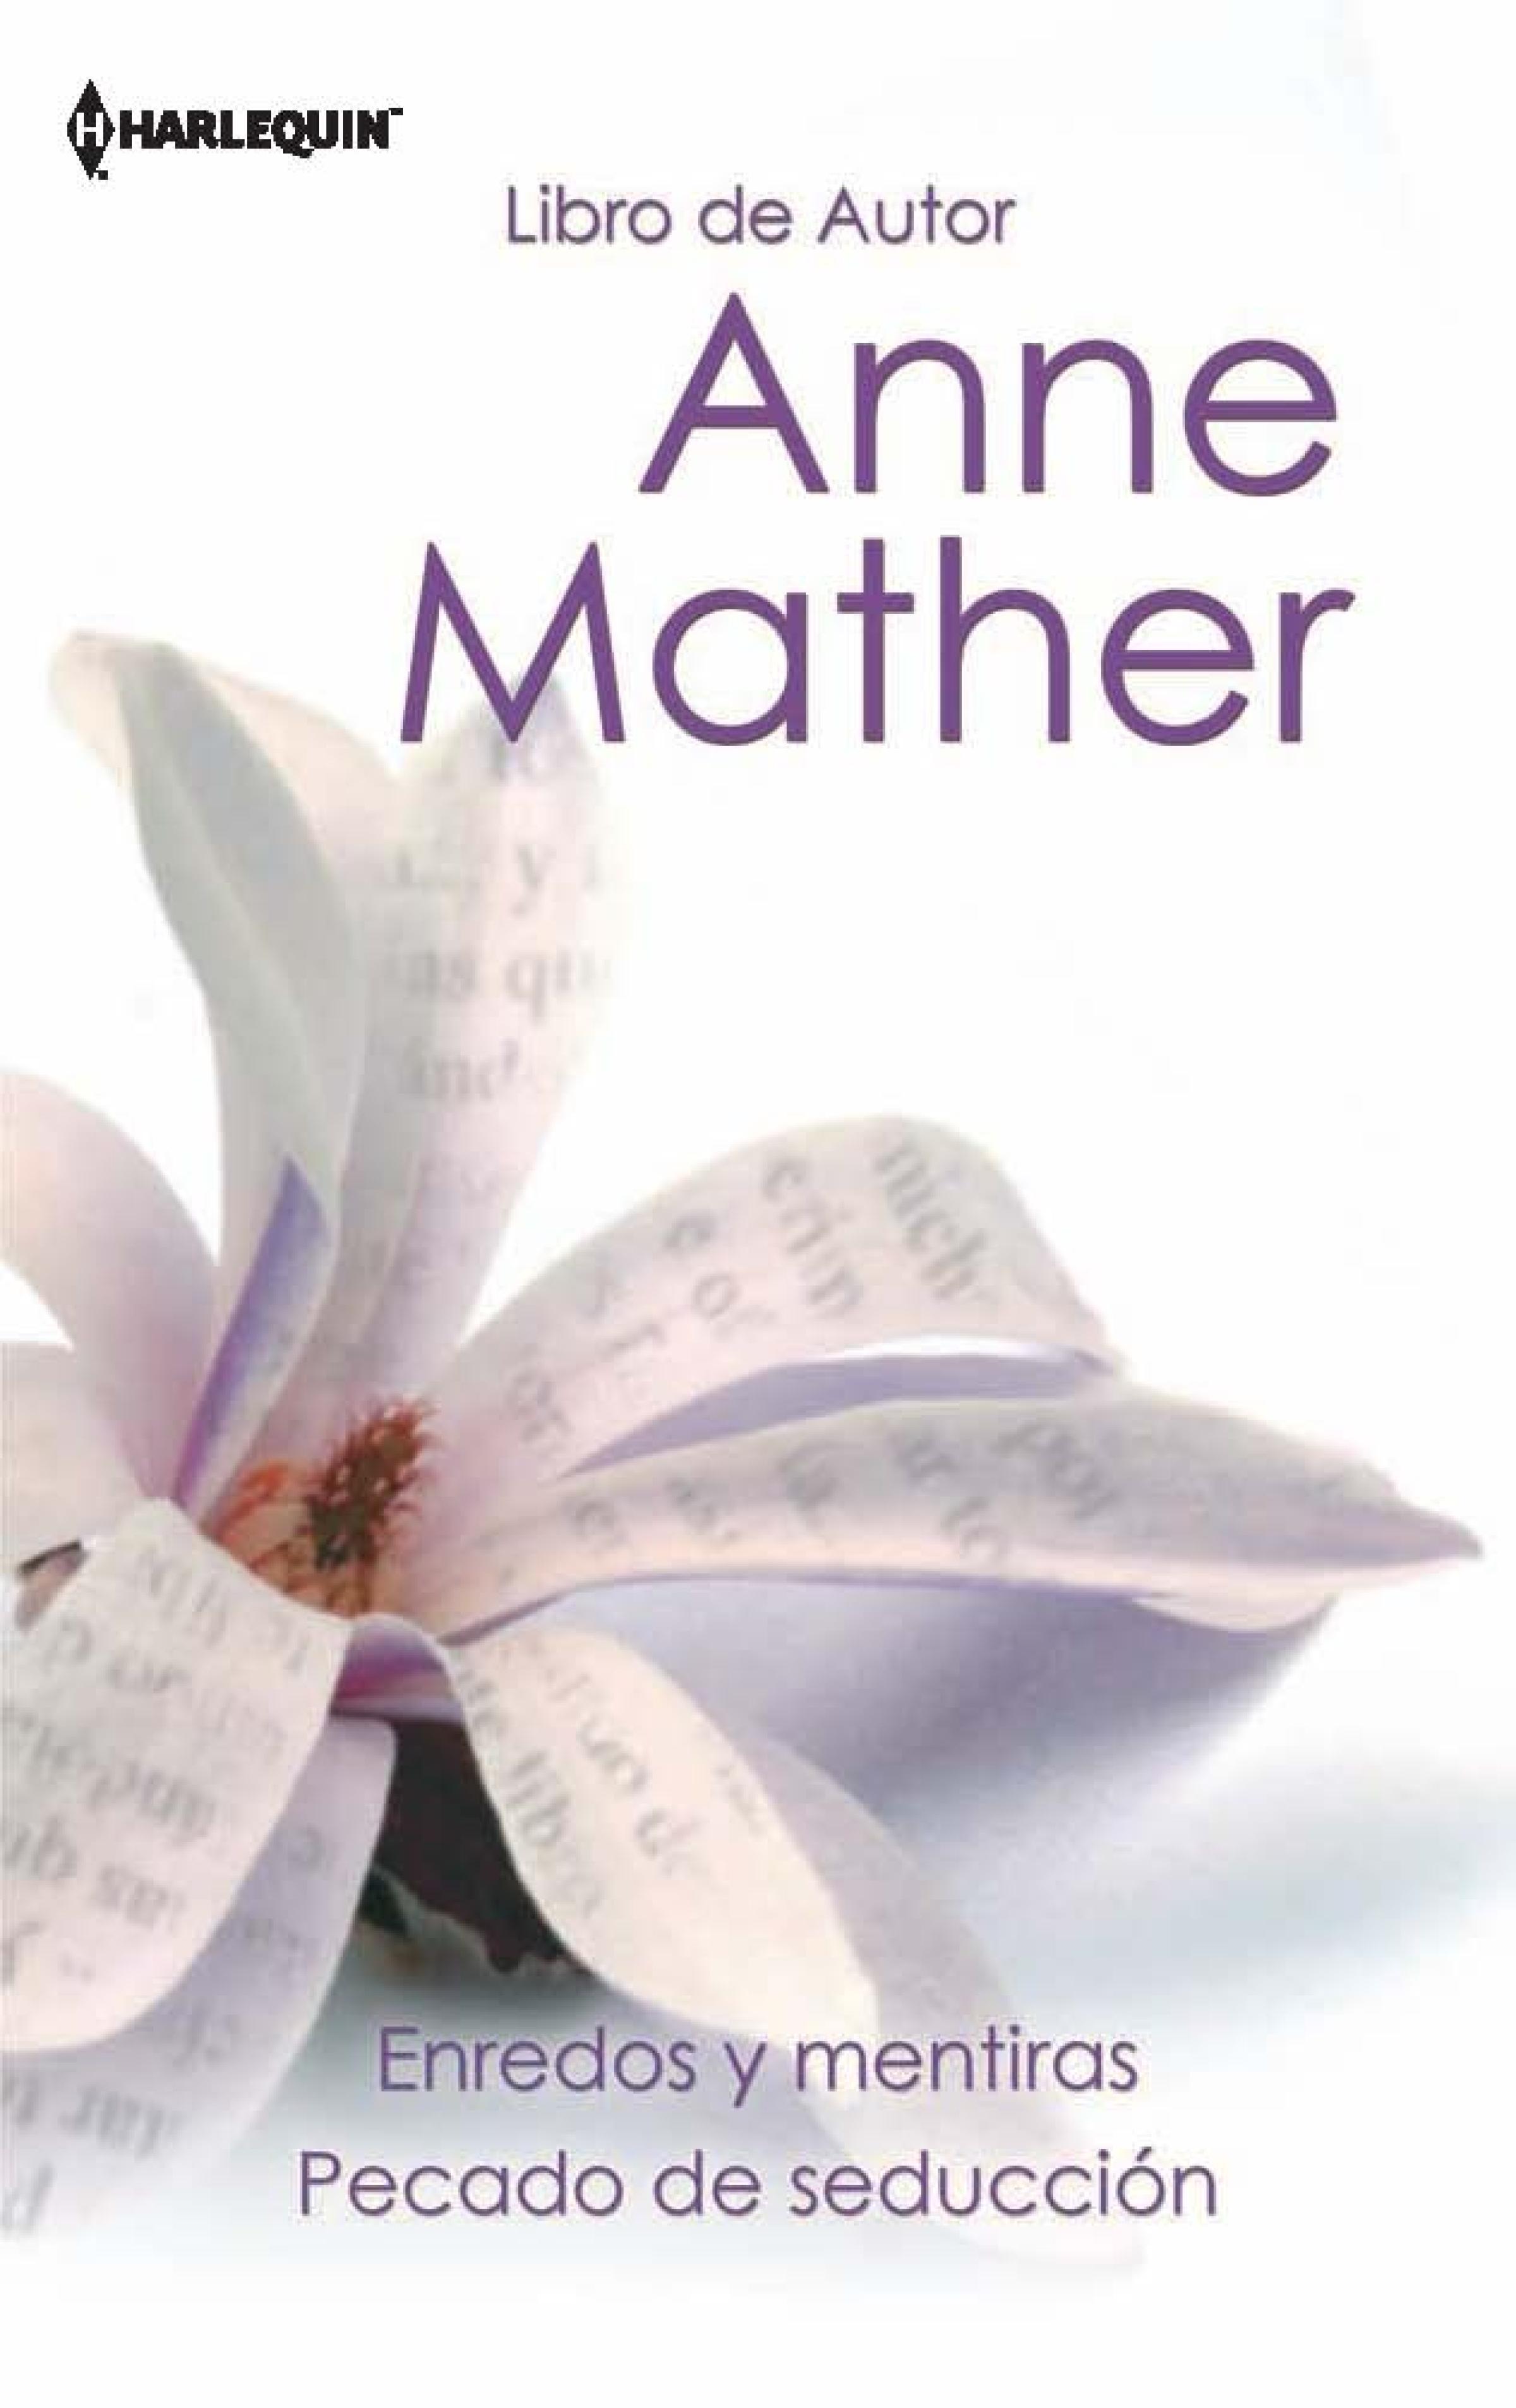 Anne Mather Enredos y mentiras - Pecado de seducción цена и фото